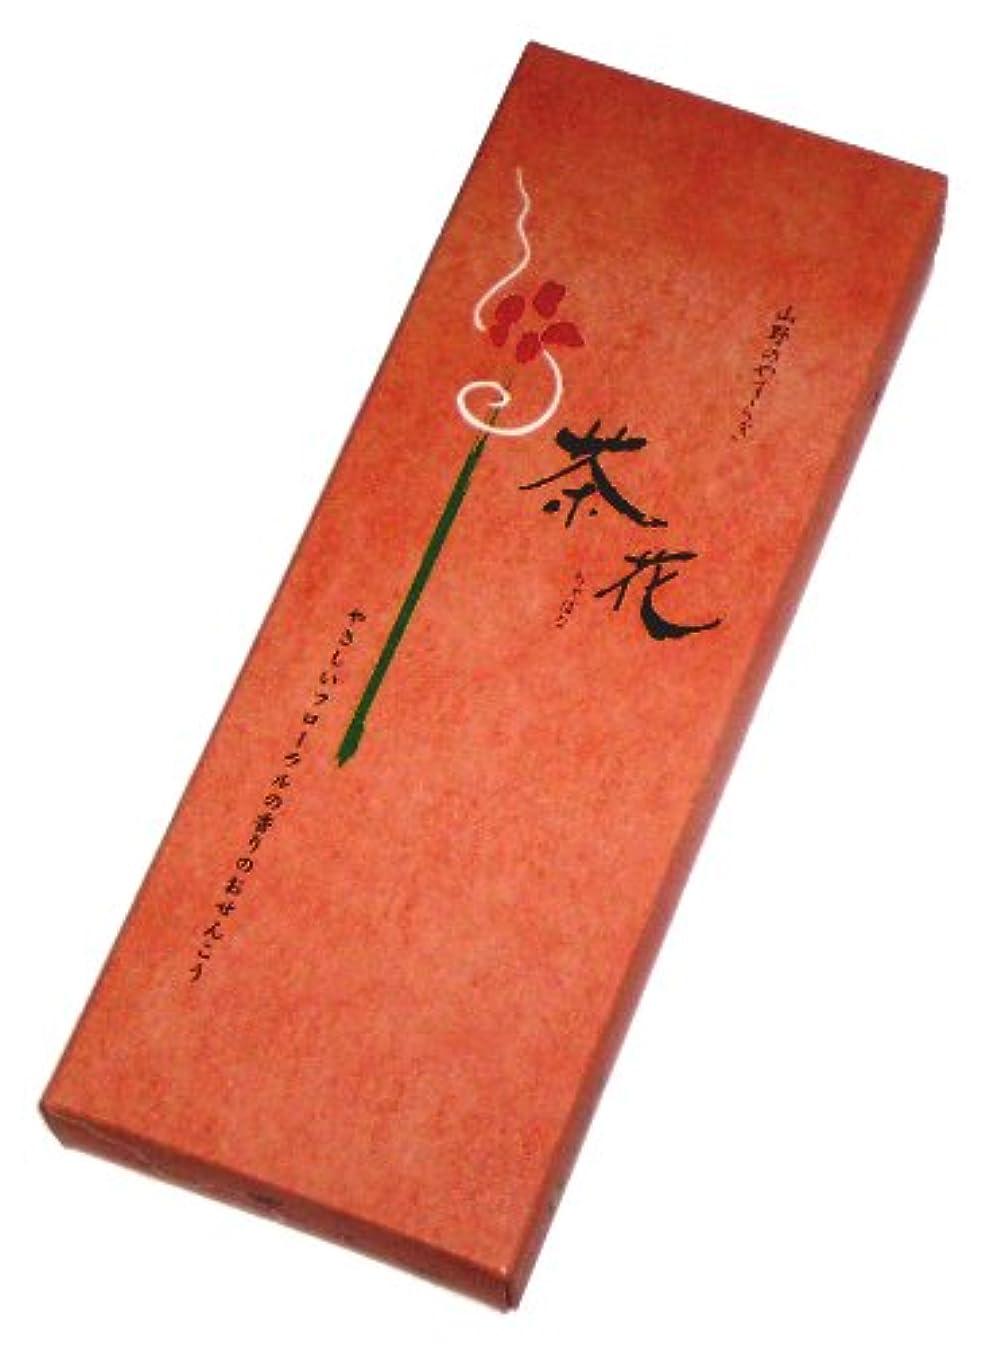 正気買い手広い尚林堂のお線香 茶花 有煙 長寸バラ